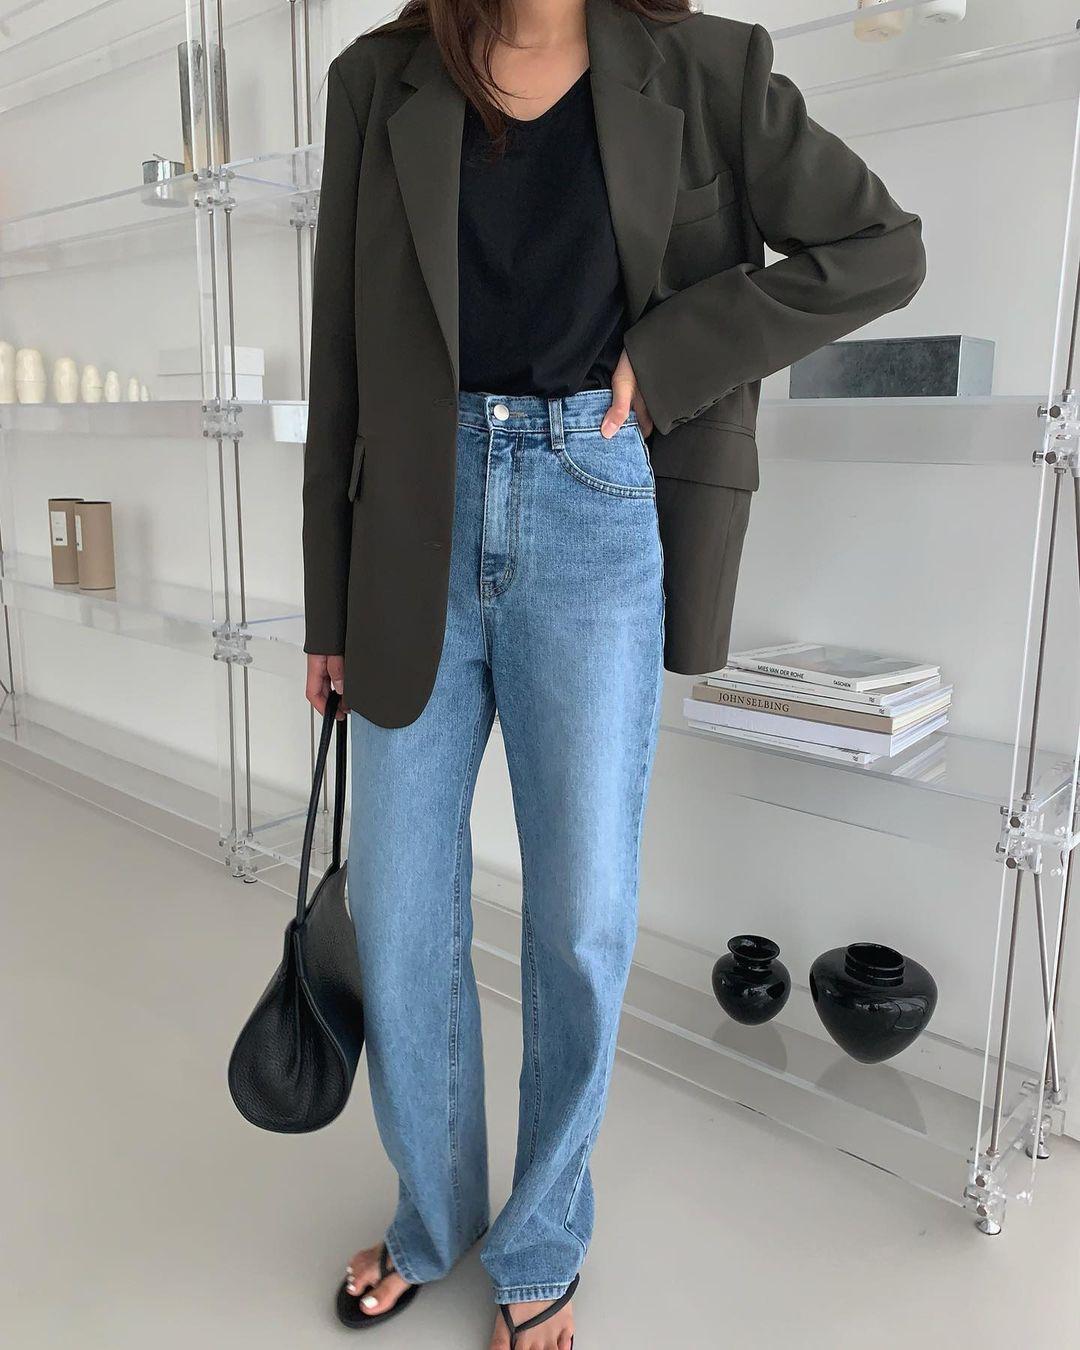 5 món thời trang sắm bao nhiêu cũng không đủ vì mặc sao cũng đẹp, chị em nên 'hốt' về dịp Black Friday 16